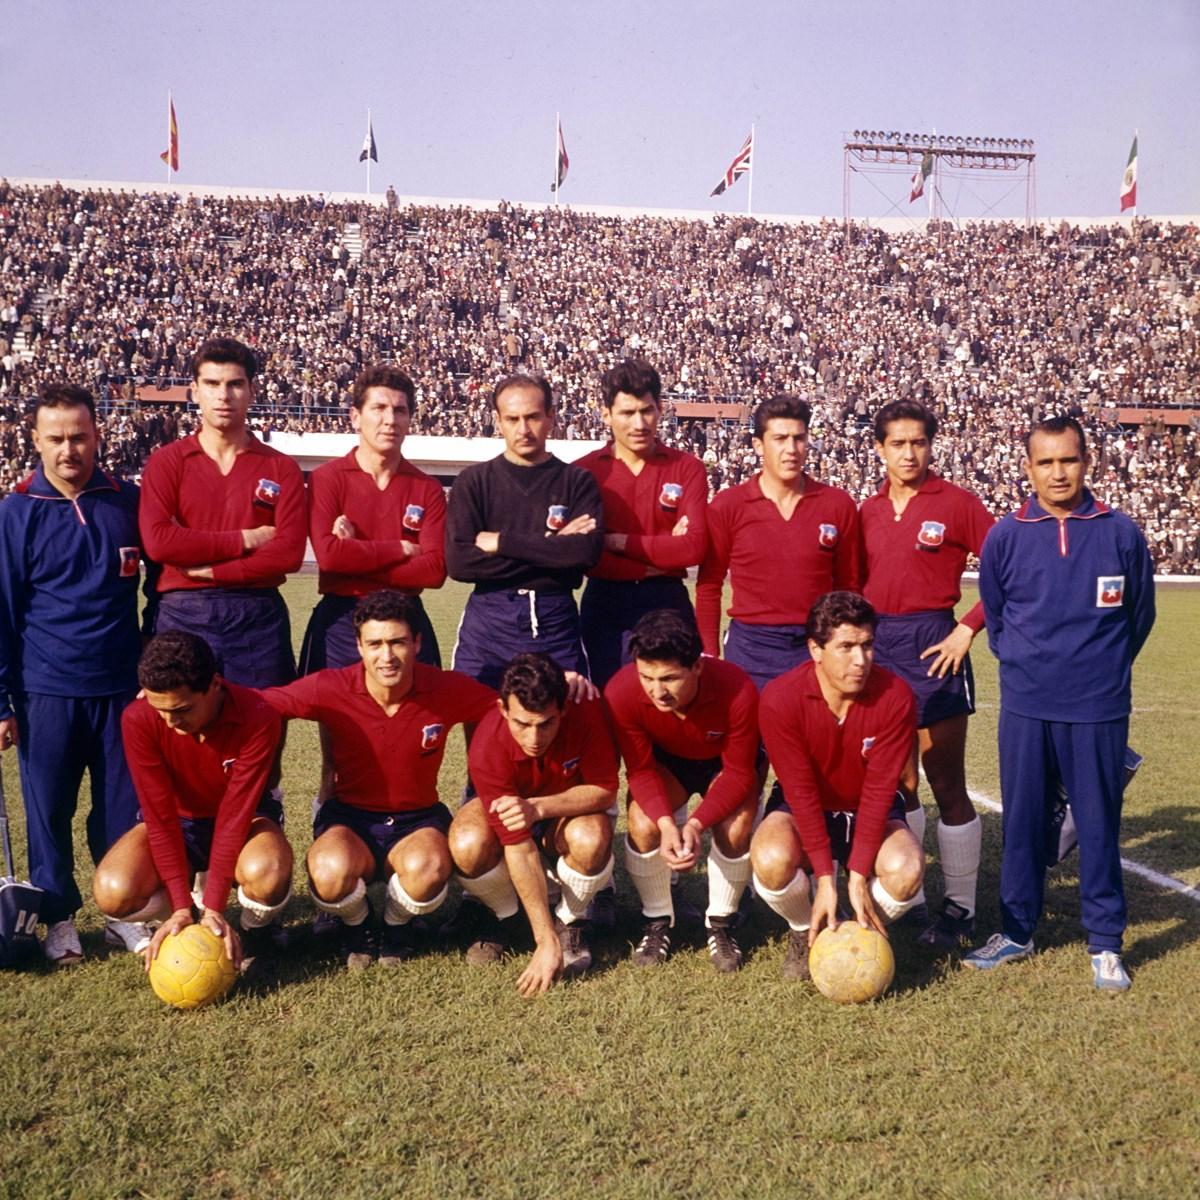 Formación de Chile ante Alemania Federal, Copa del Mundo Chile 1962, 6 de junio